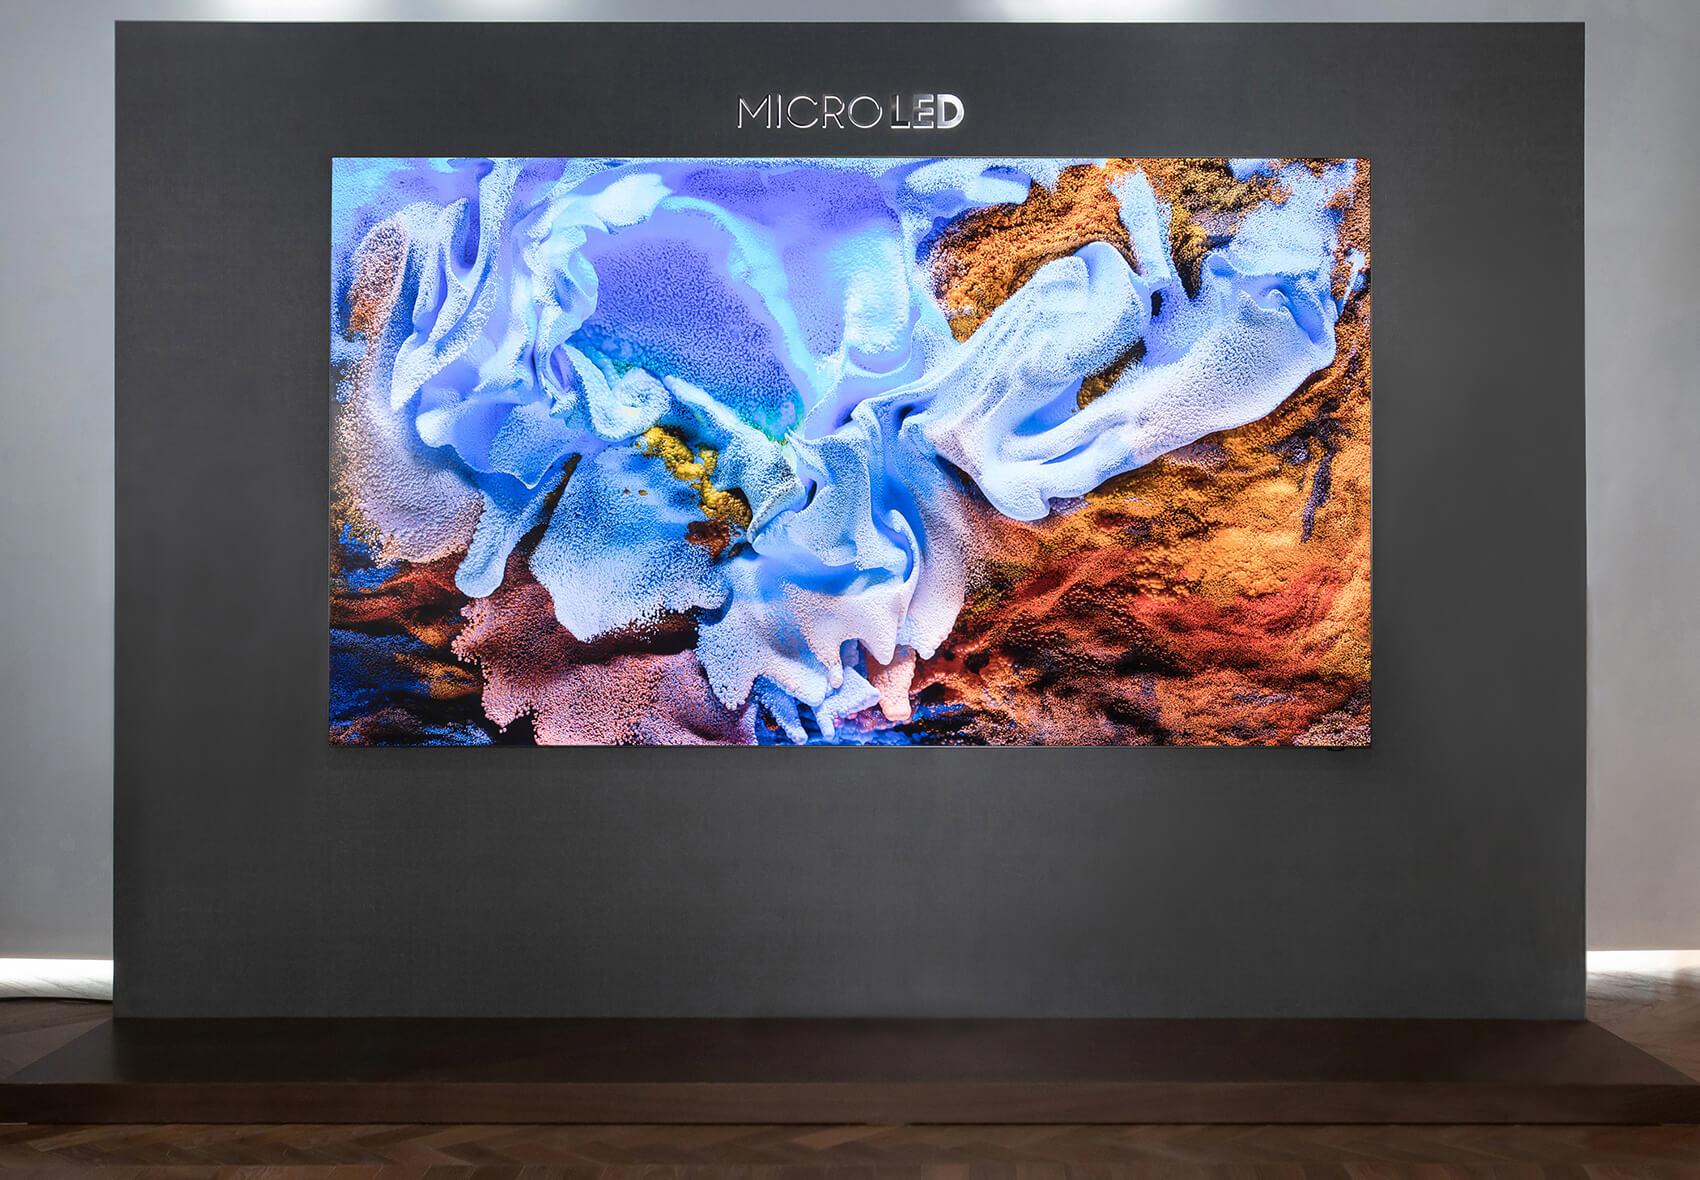 Samsung MicroLED abre una nueva era de calidad de imagen y diseño